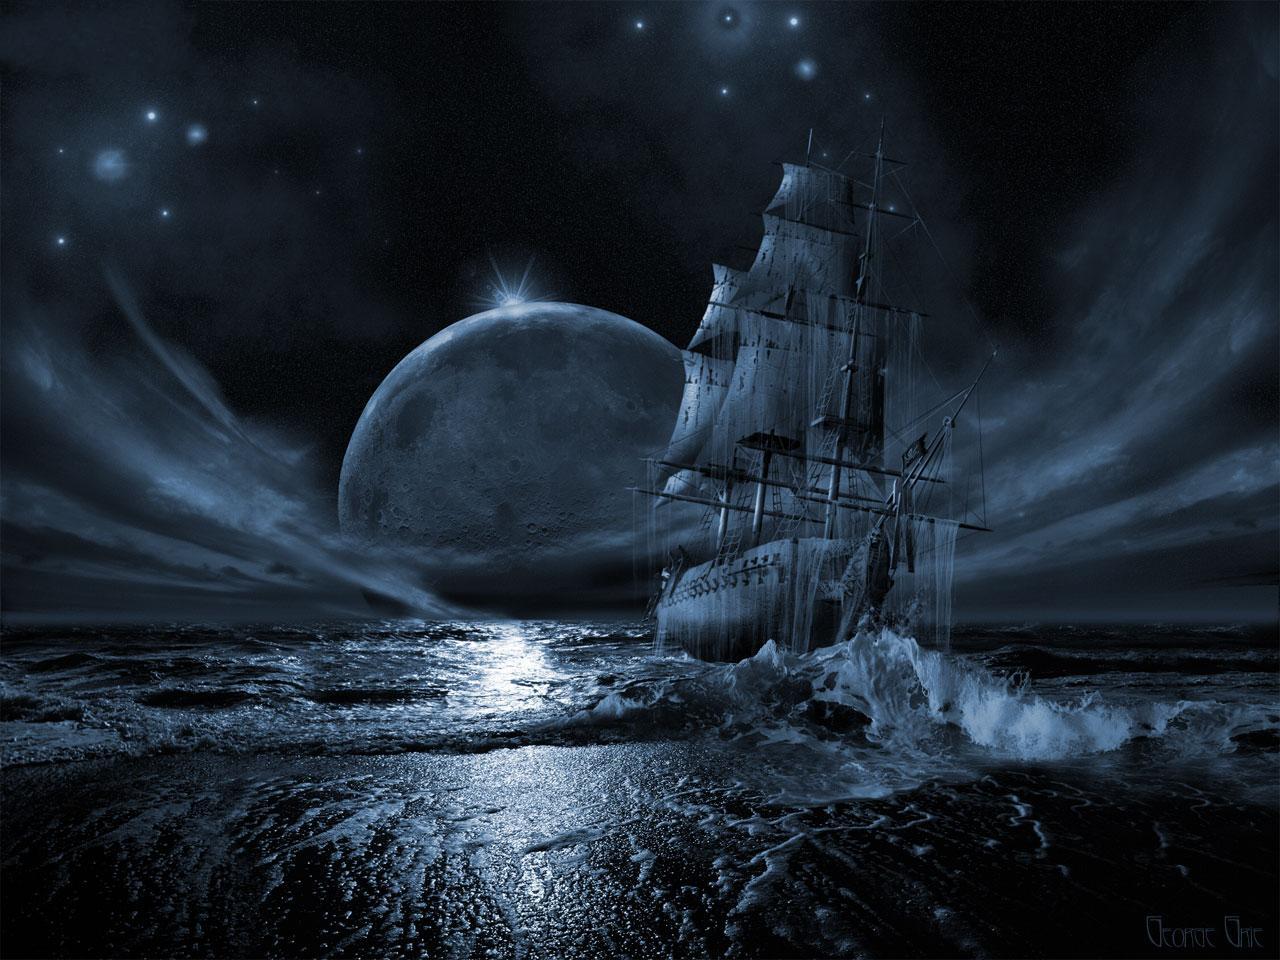 http://3.bp.blogspot.com/-WZjUsVT17OA/TjZSIVjNncI/AAAAAAAABIE/F4lvFZntnfk/s1600/18-483d-ghost-ship-poster2.jpg